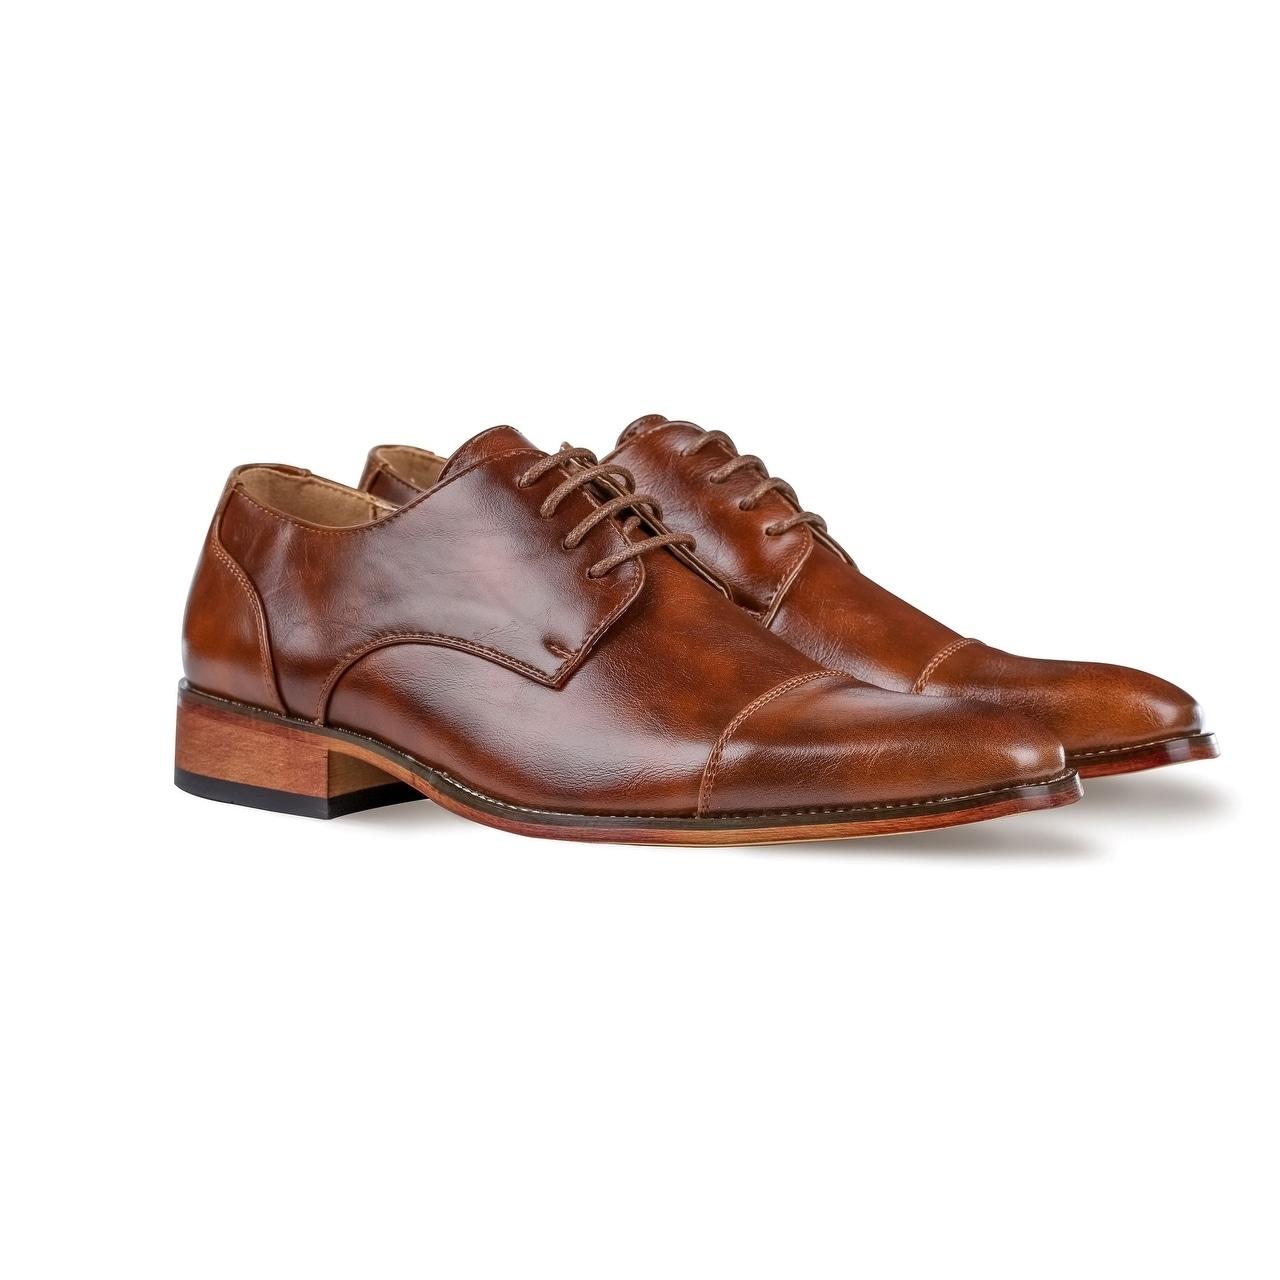 Details about UV Signature Mens Cap Toe Dress Shoes 2e16eae903c